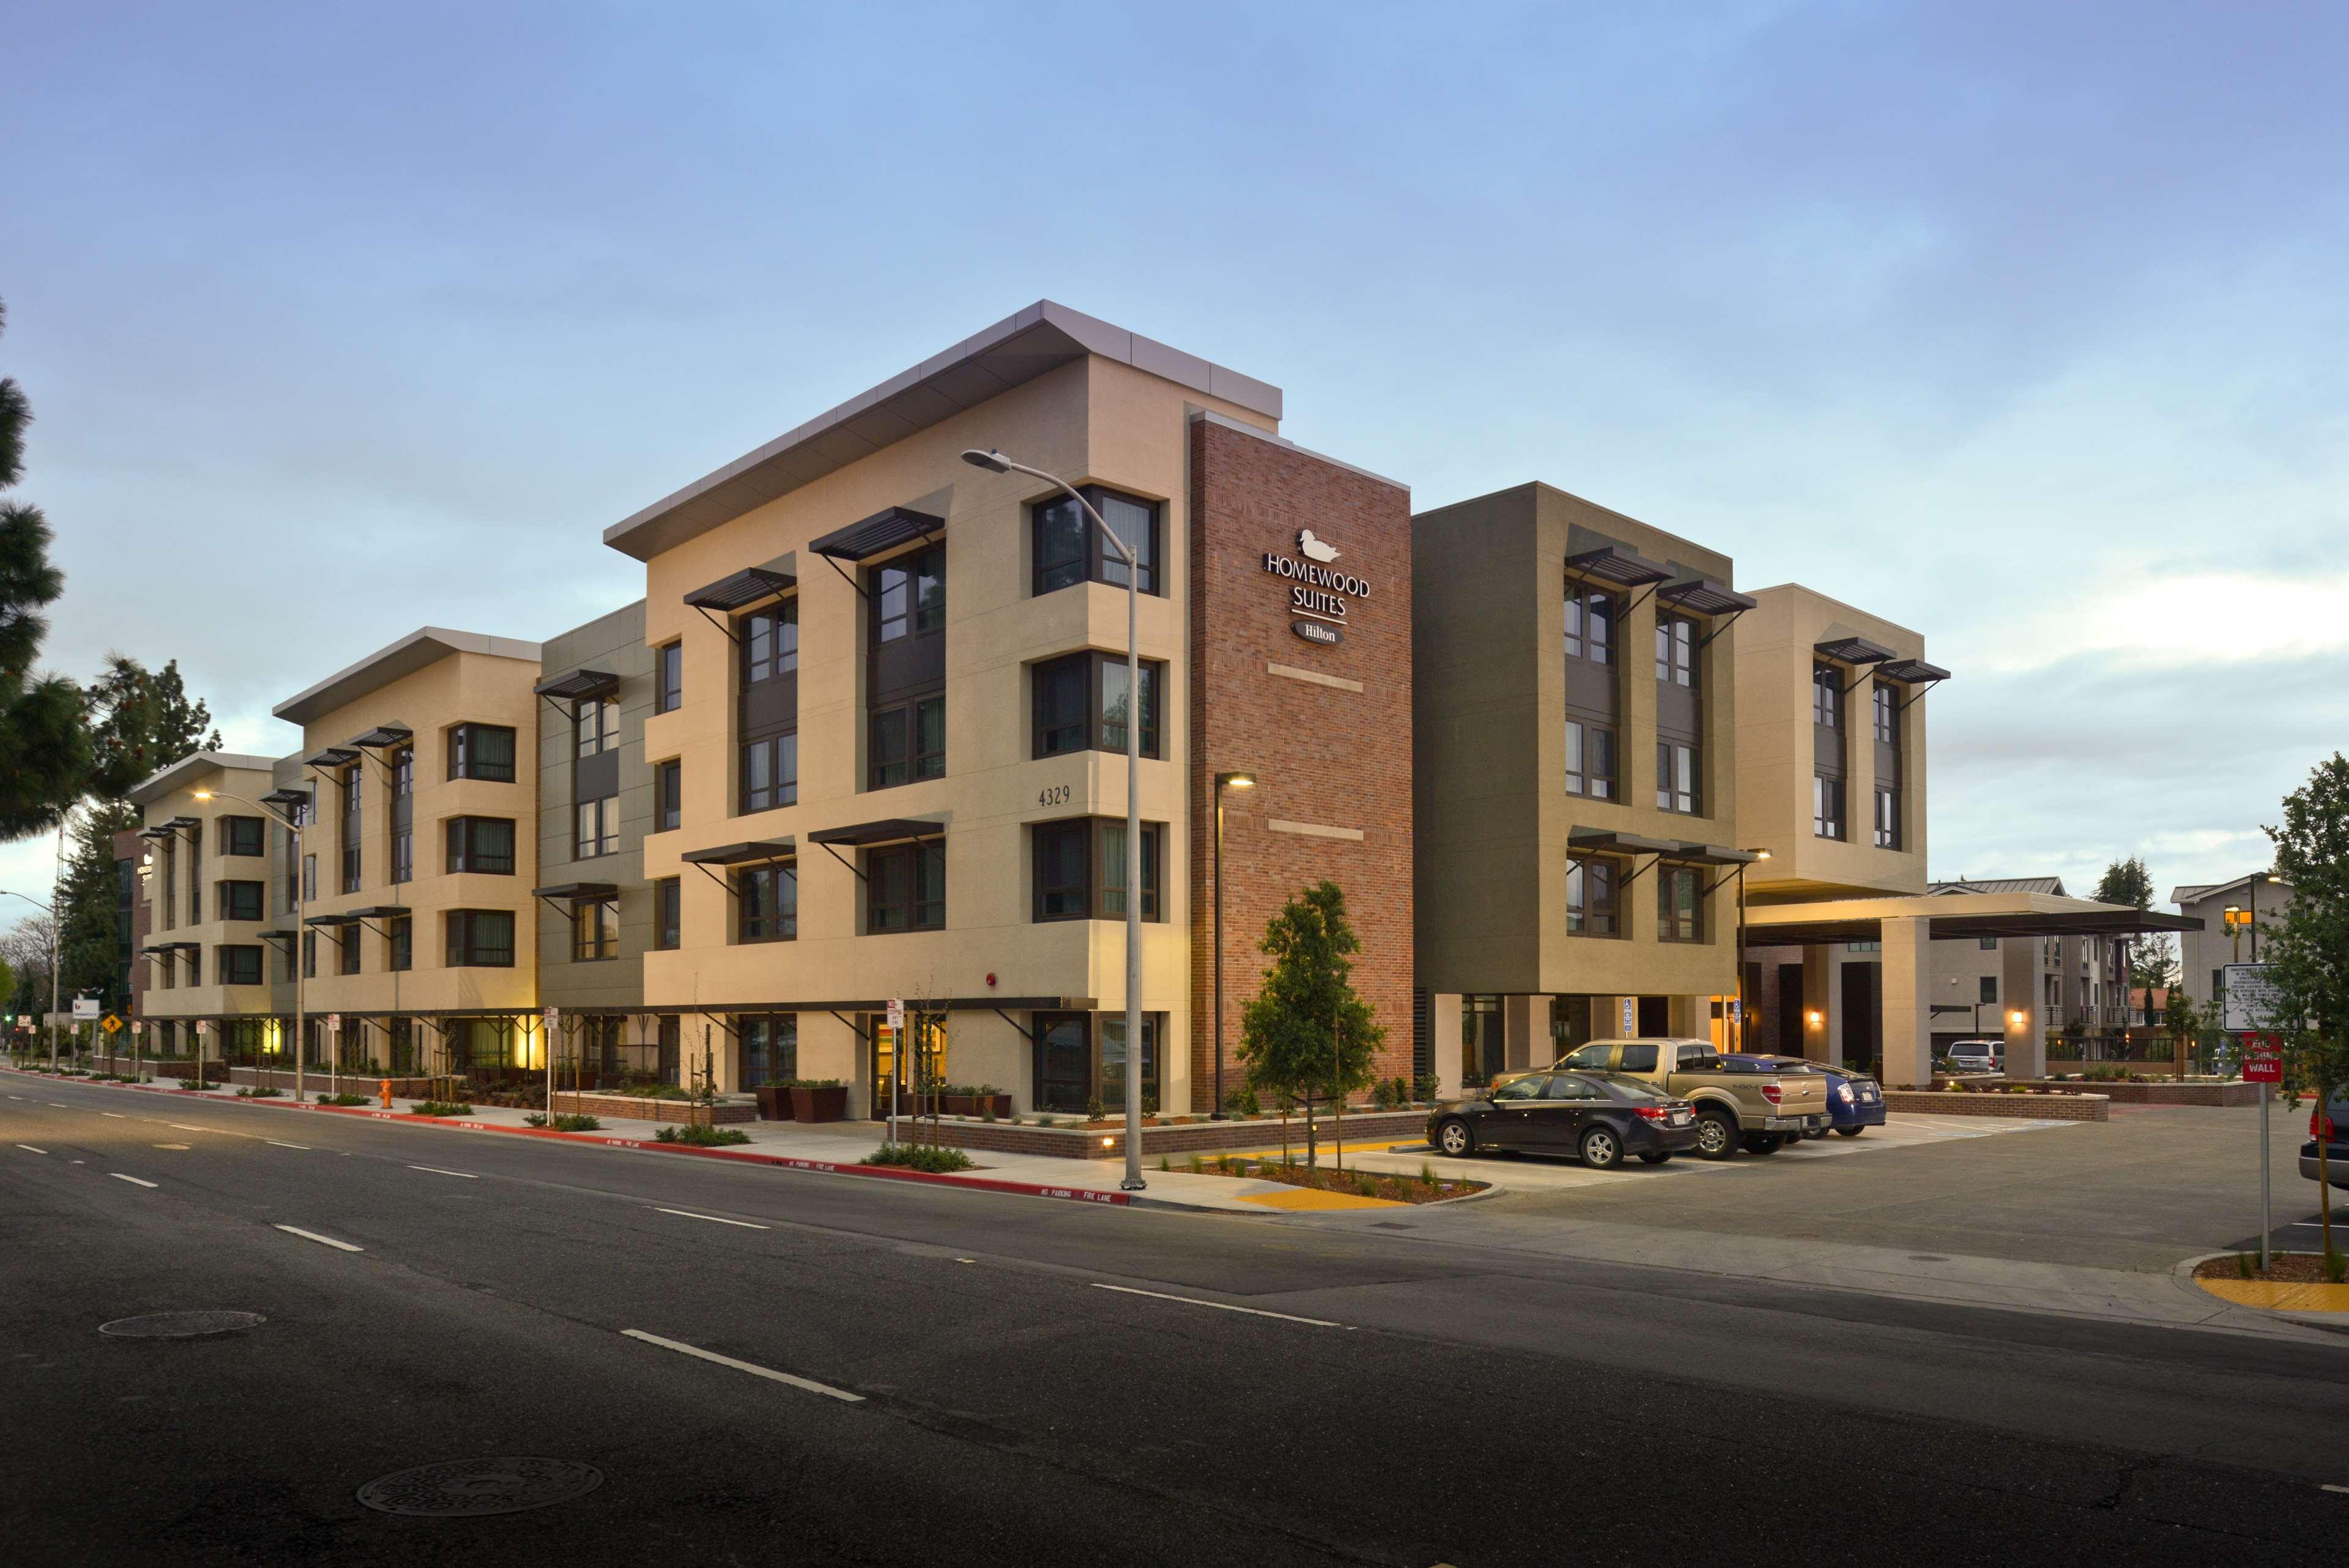 Homewood Suites by Hilton Palo Alto image 4